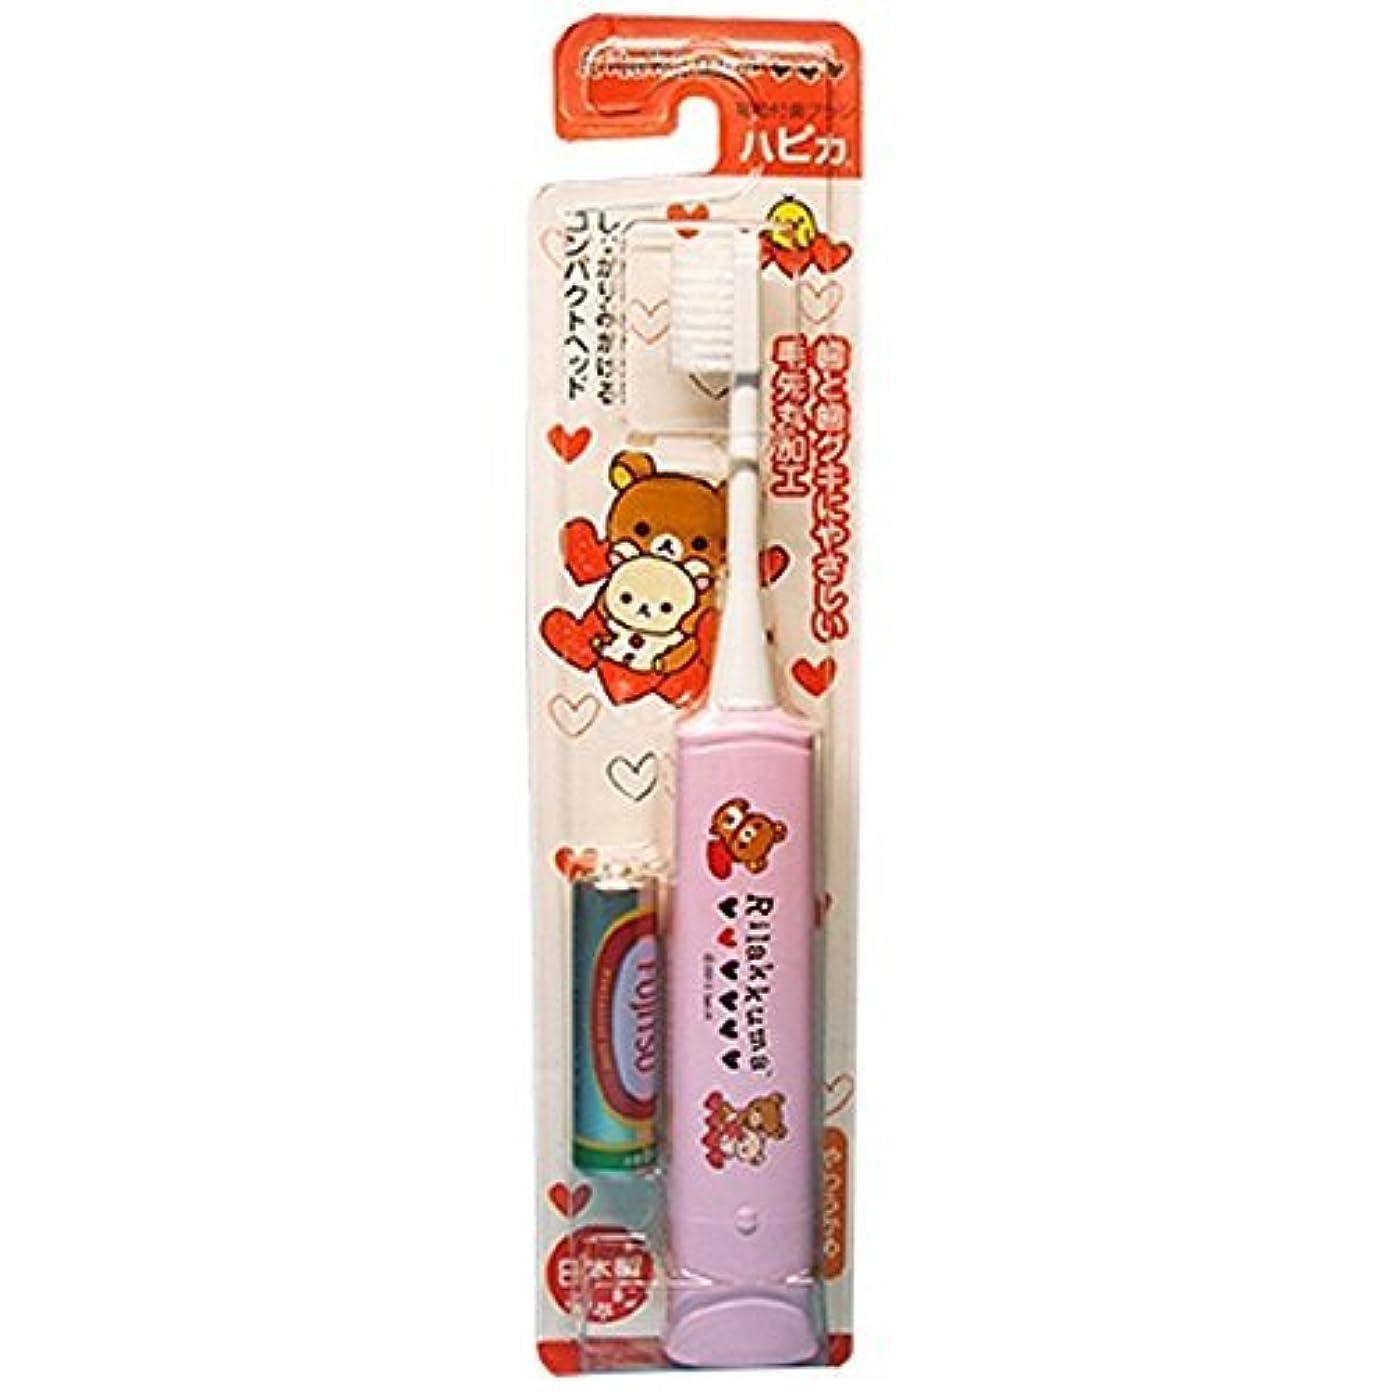 火炎作り上げる区画ミニマム 電動付歯ブラシ リラックマハピカ ピンク 毛の硬さ:やわらかめ DBM-5P(RK)